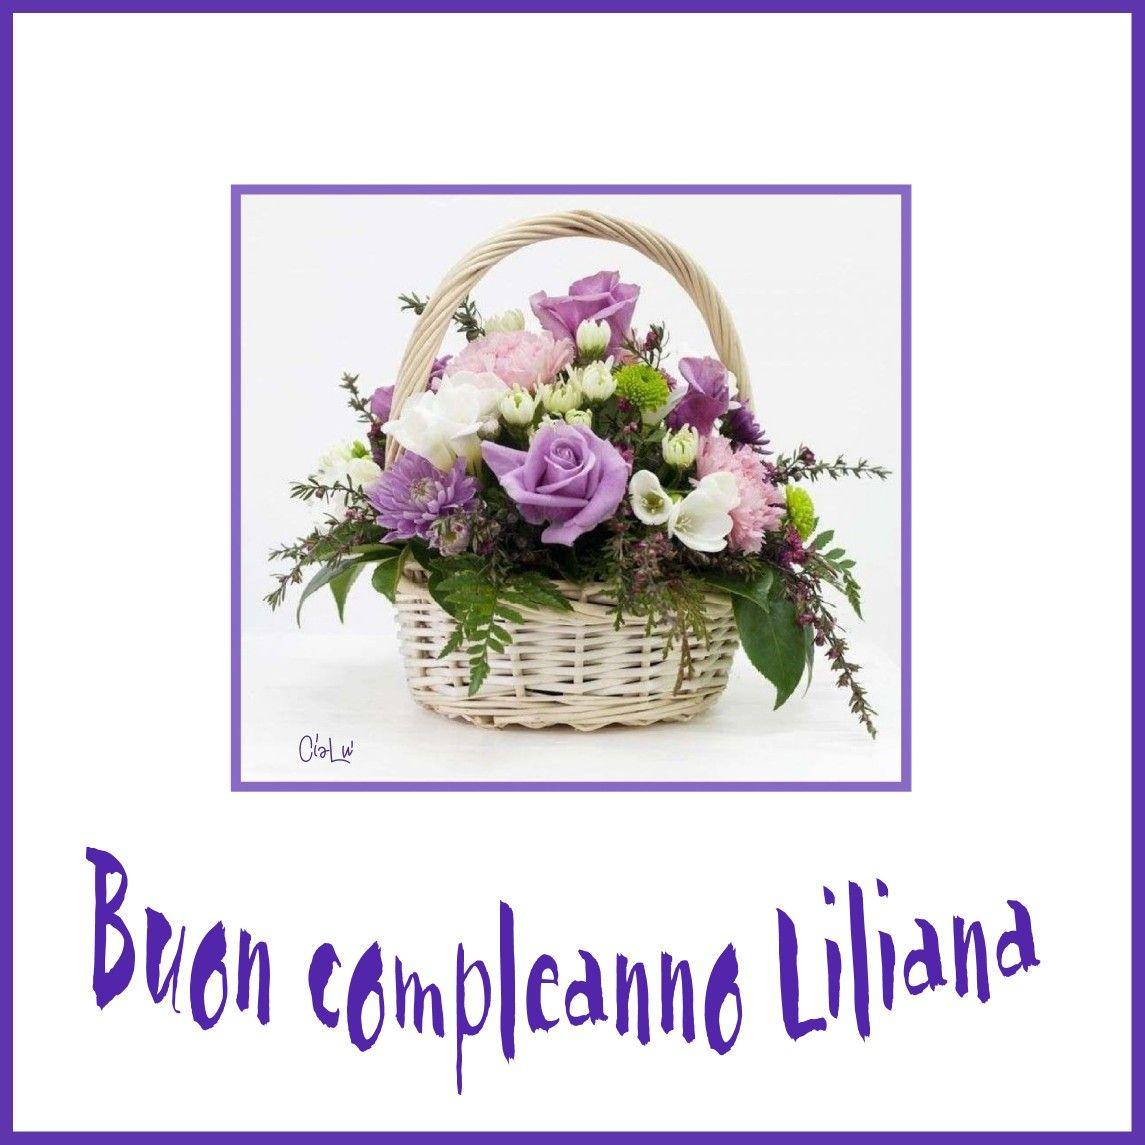 Buon Compleanno Liliana Compleanni Onomastici E Anniversari